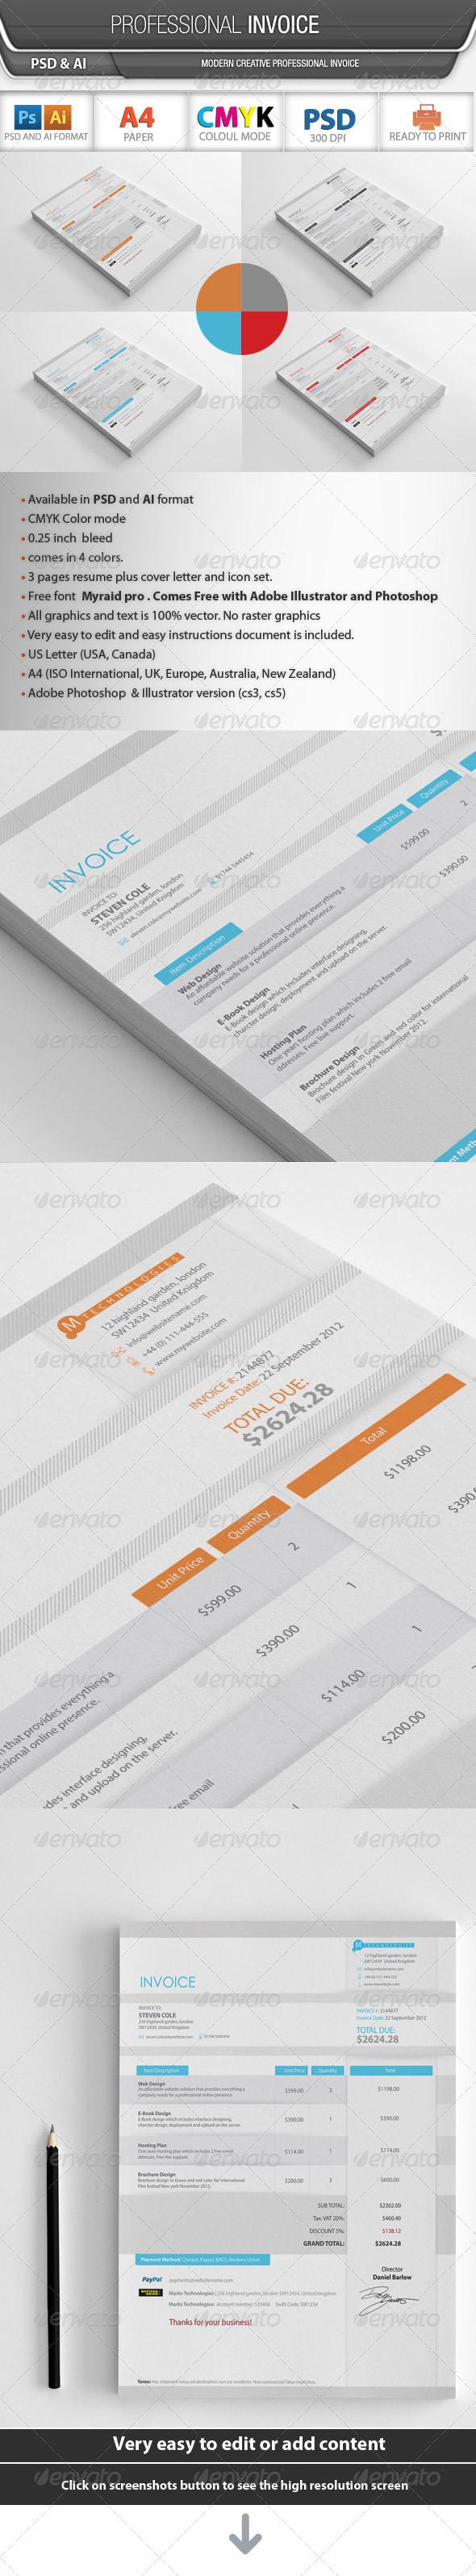 GraphicRiver Professional Invoice 3193522